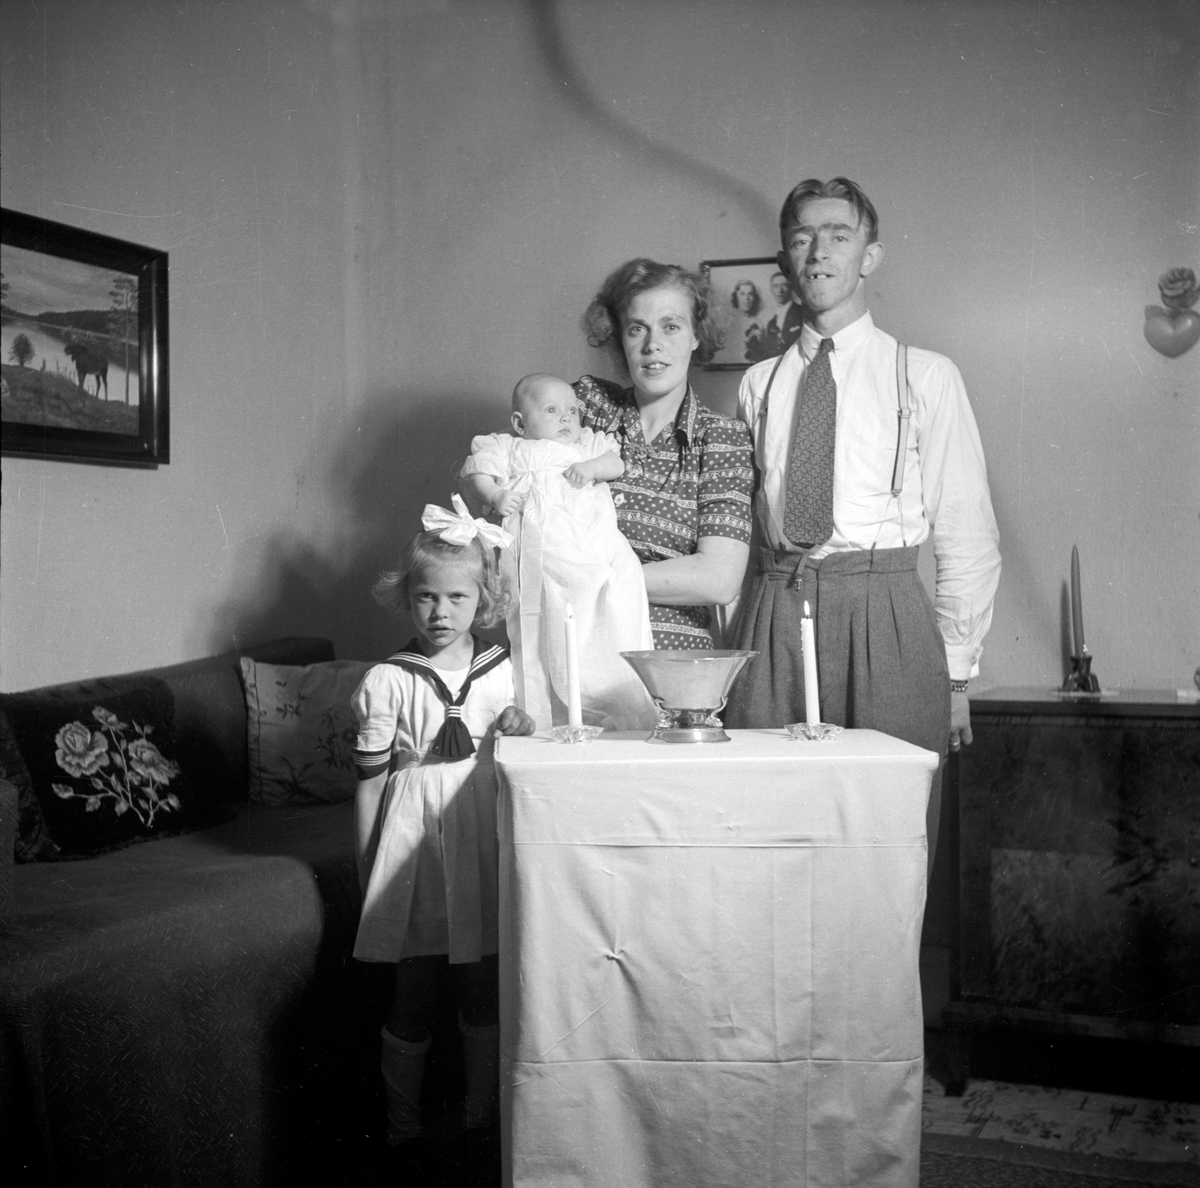 En familj i hemmet med sitt nydöpta barn.